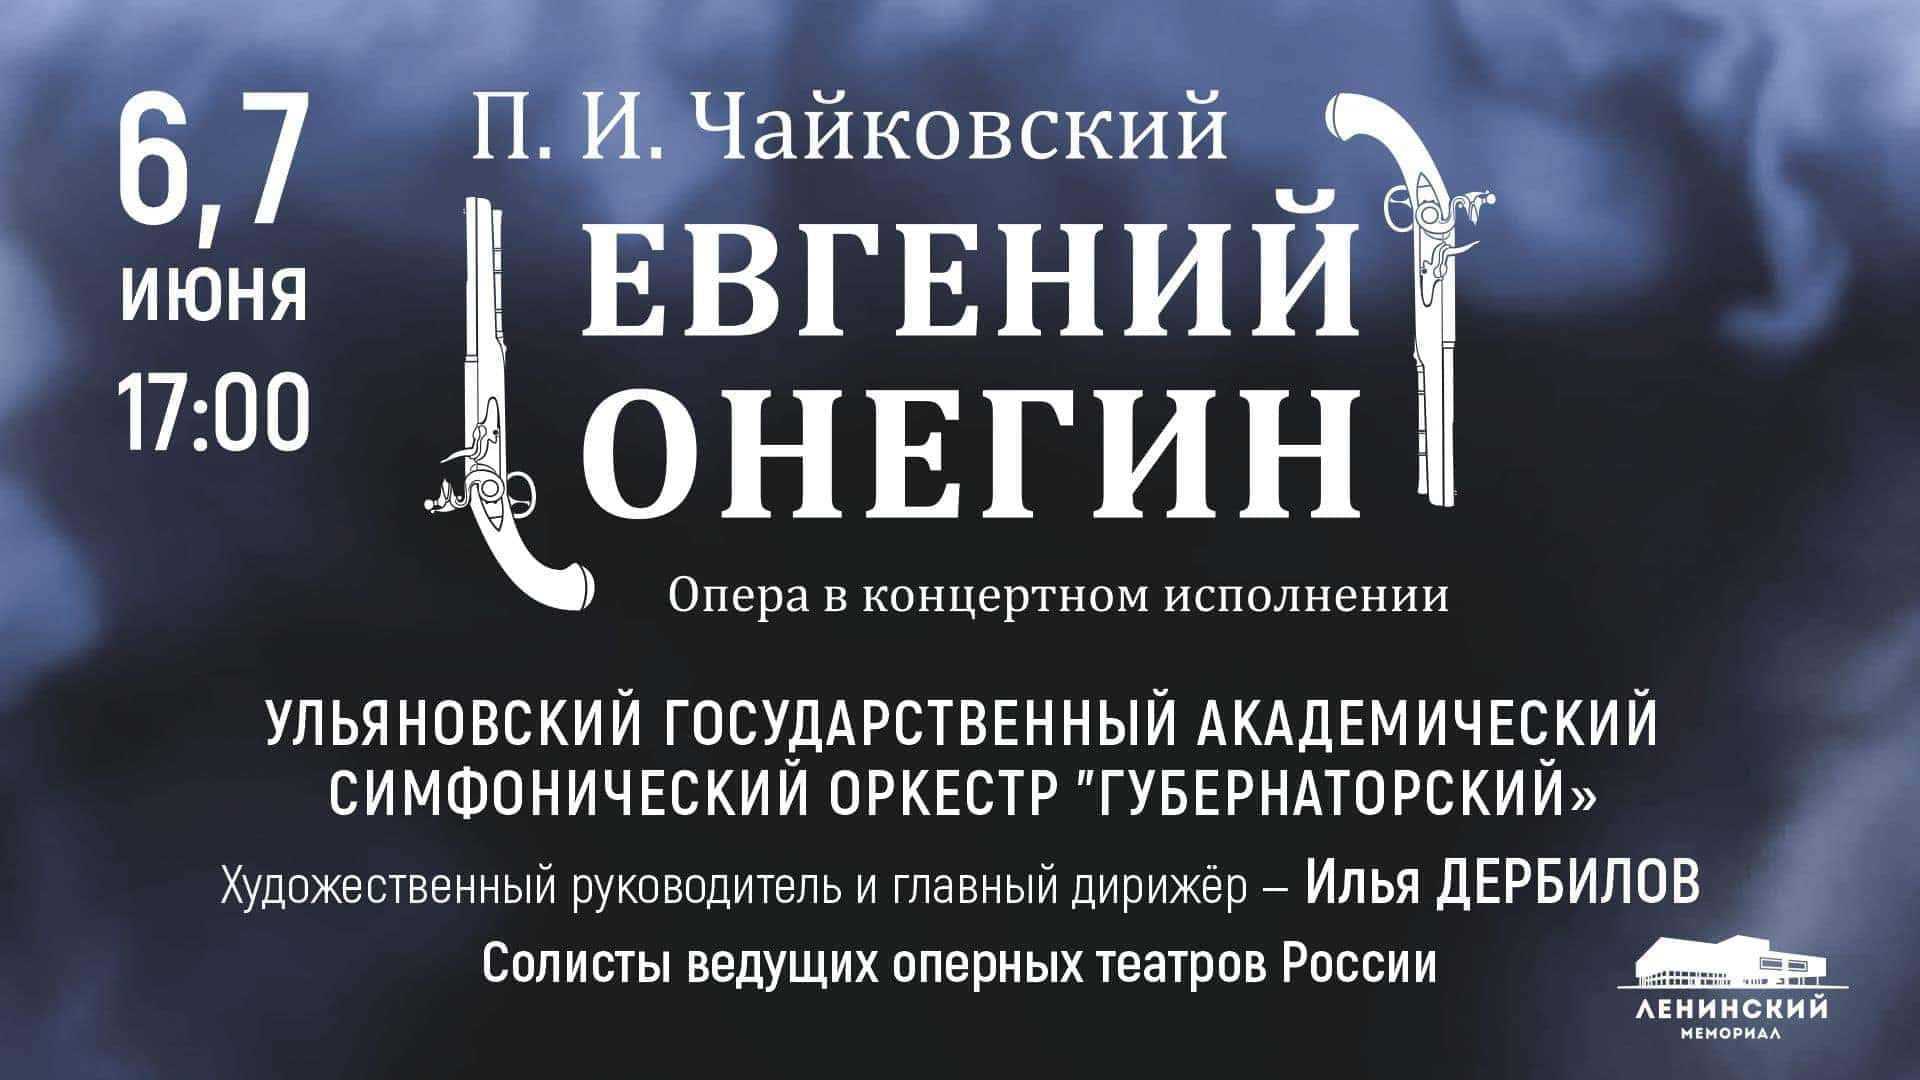 Ульяновская филармония отметит день рождения Пушкина